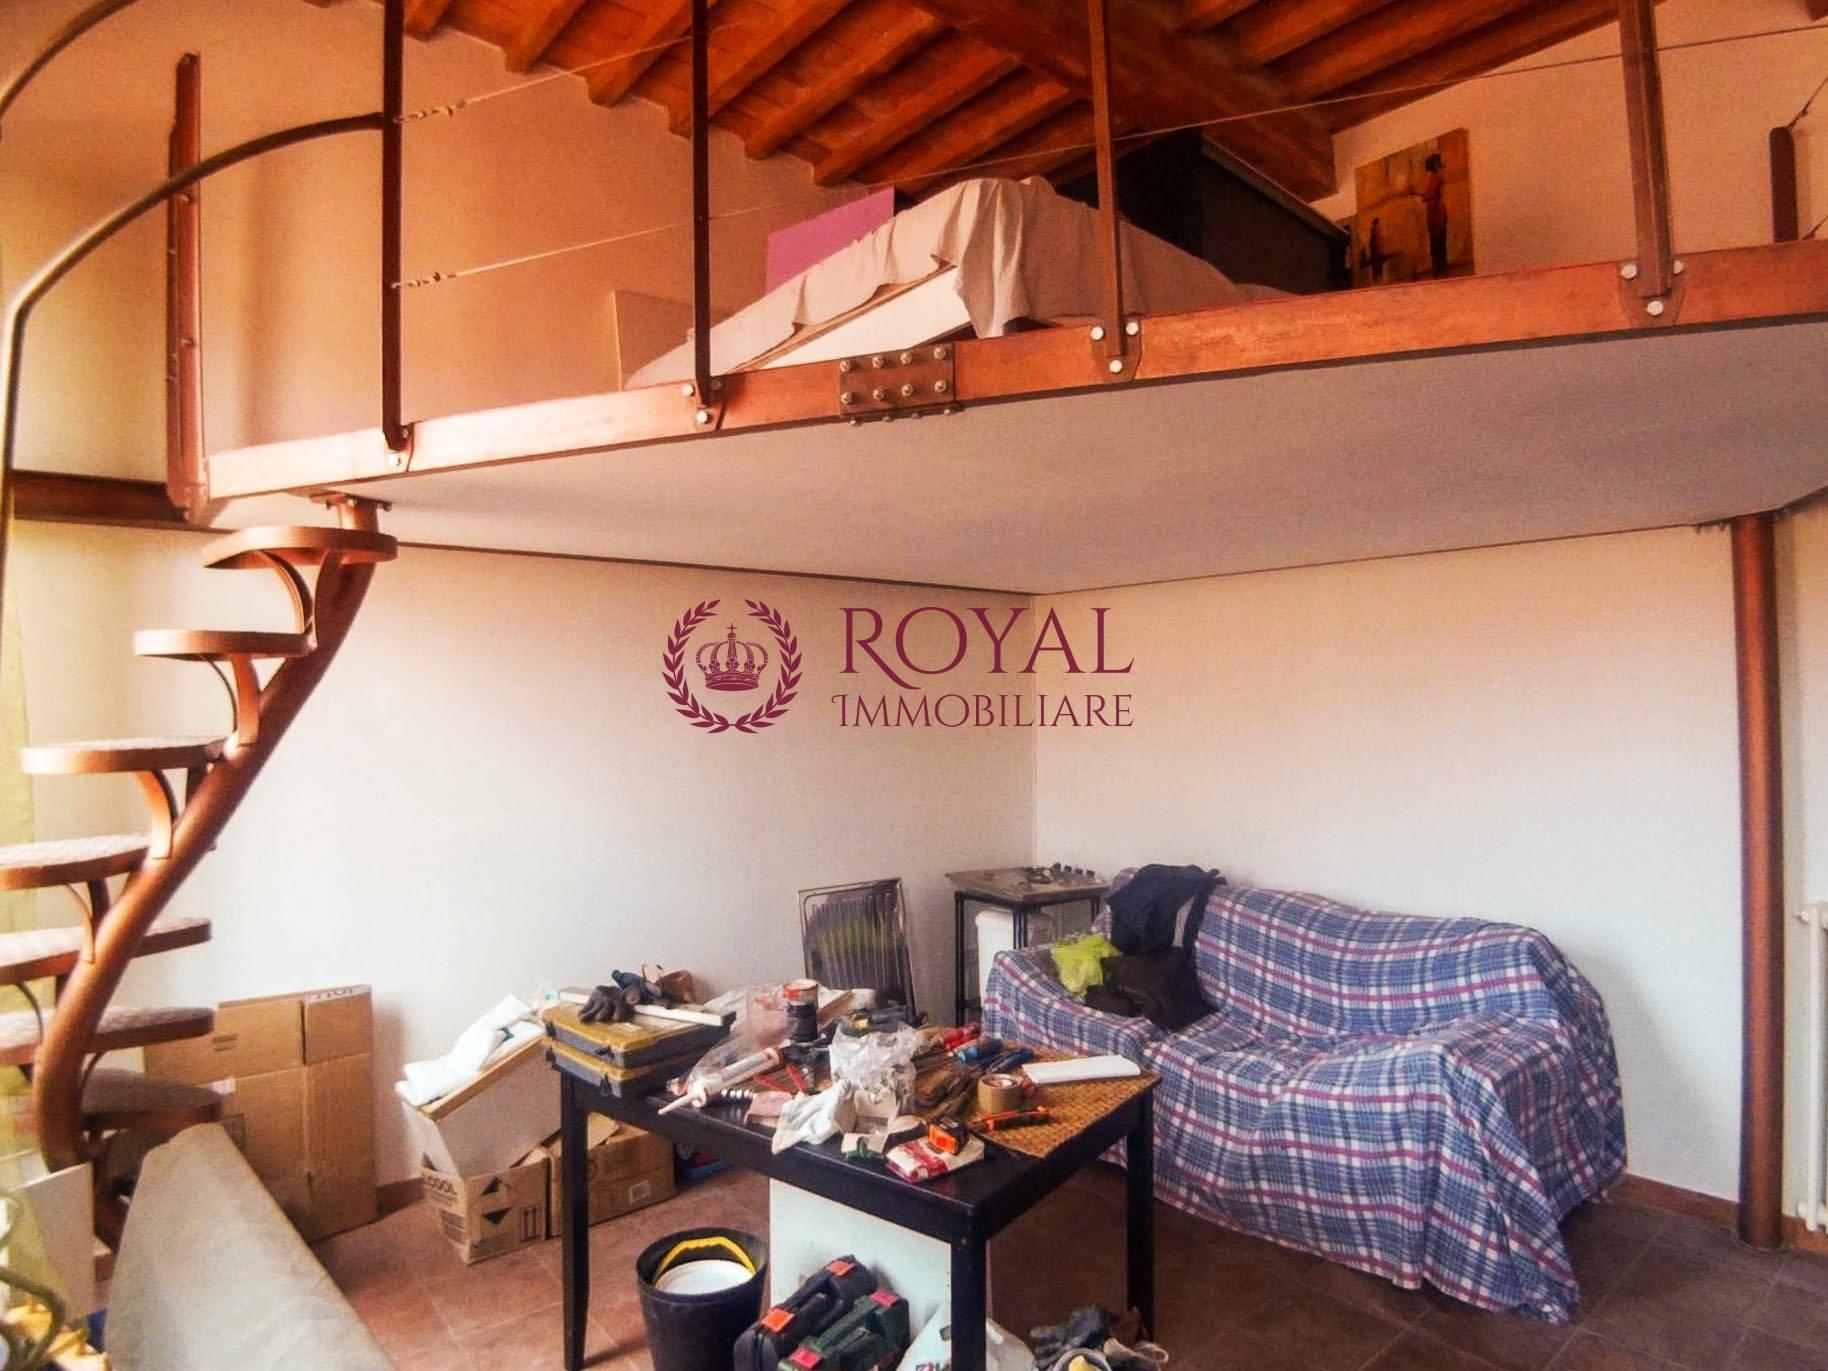 Appartamento in affitto a Quartiere Venezia, Livorno (LI)